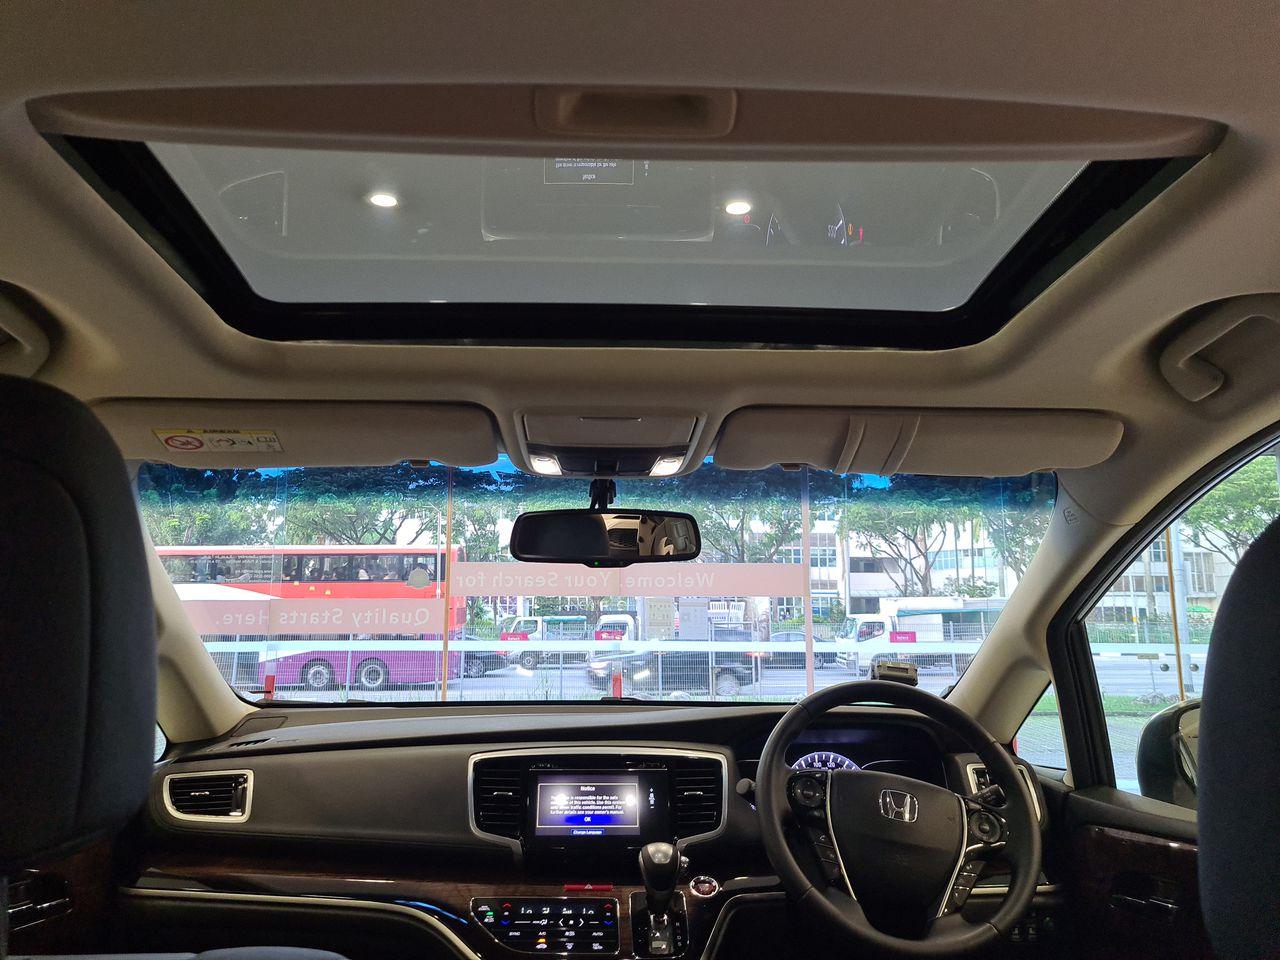 Honda ODYSSEY 2.4 EXV-S CVT SR